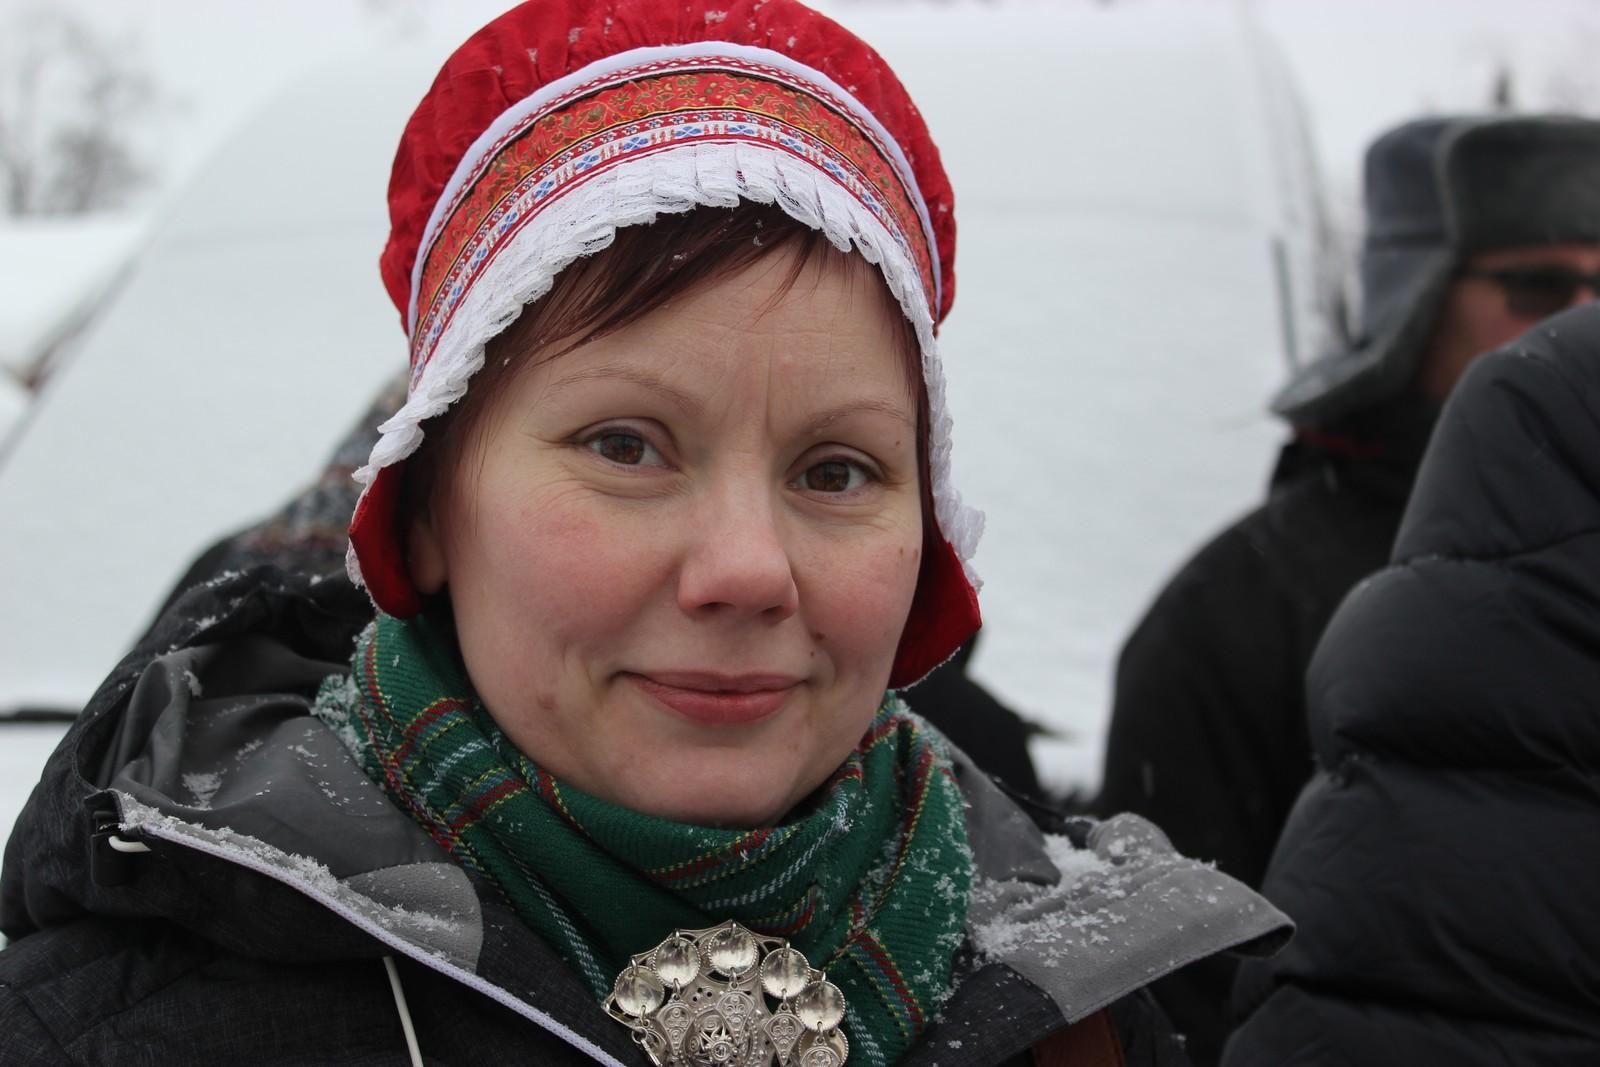 Hanna Sofie Utsi fra Jokkmokk synes det er viktig å feire nasjonaldagen 6. februar. Samene trenger en felles dag som viser at vi er ett folk, sier hun. Det er også en dag med glede. Derfor er det ofte kake i Utsi/Berglund familien på denne dagen.